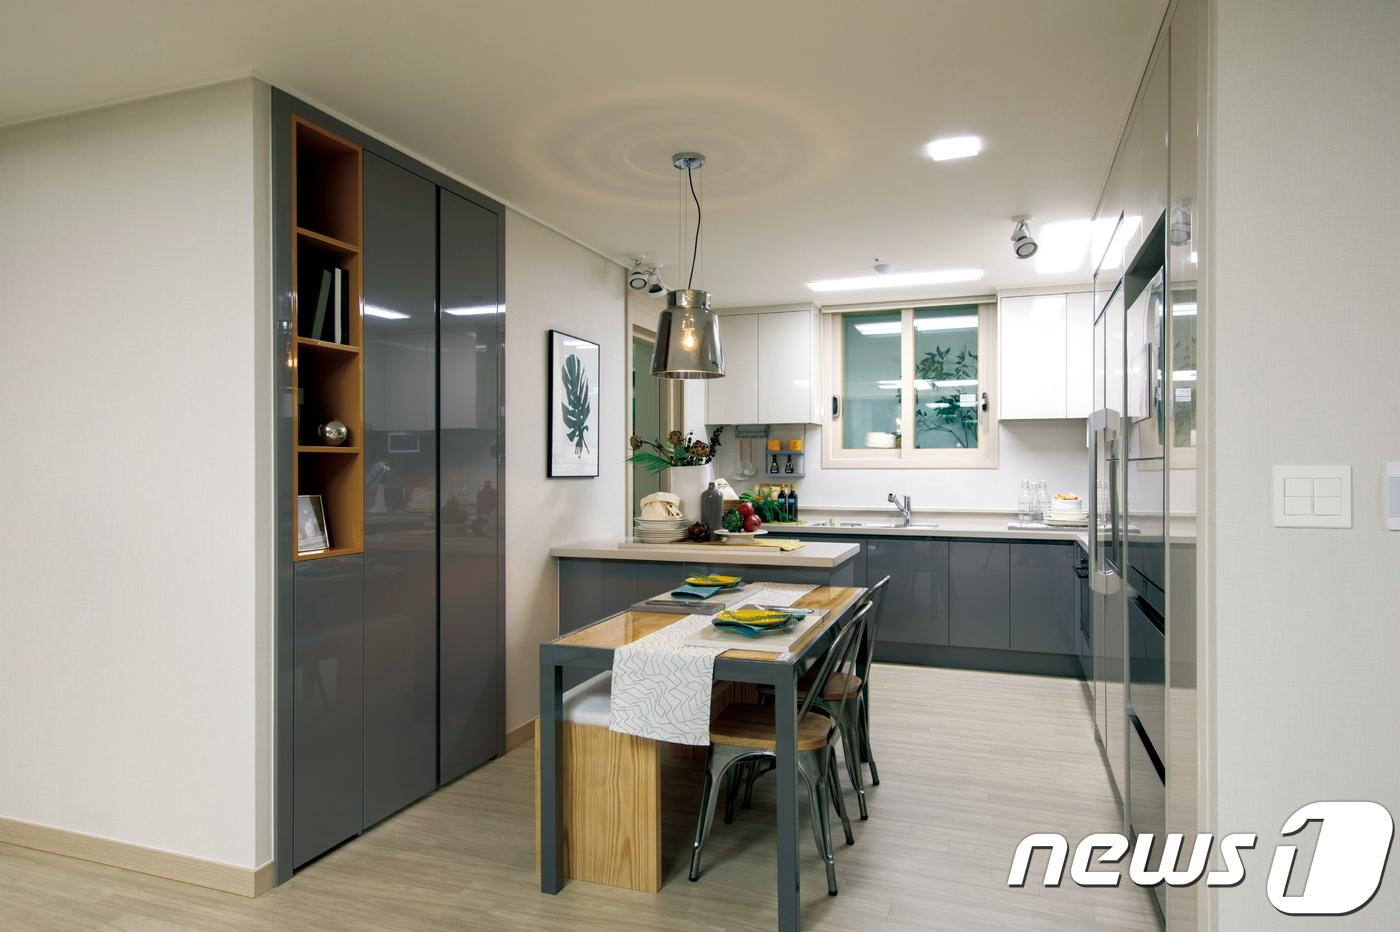 주력평면인 전용면적 61㎡ 타입. 소형이지만 넓은 공간구성과 충분한 수납공간으로 4인가족이 살기에 충분하다. © News1